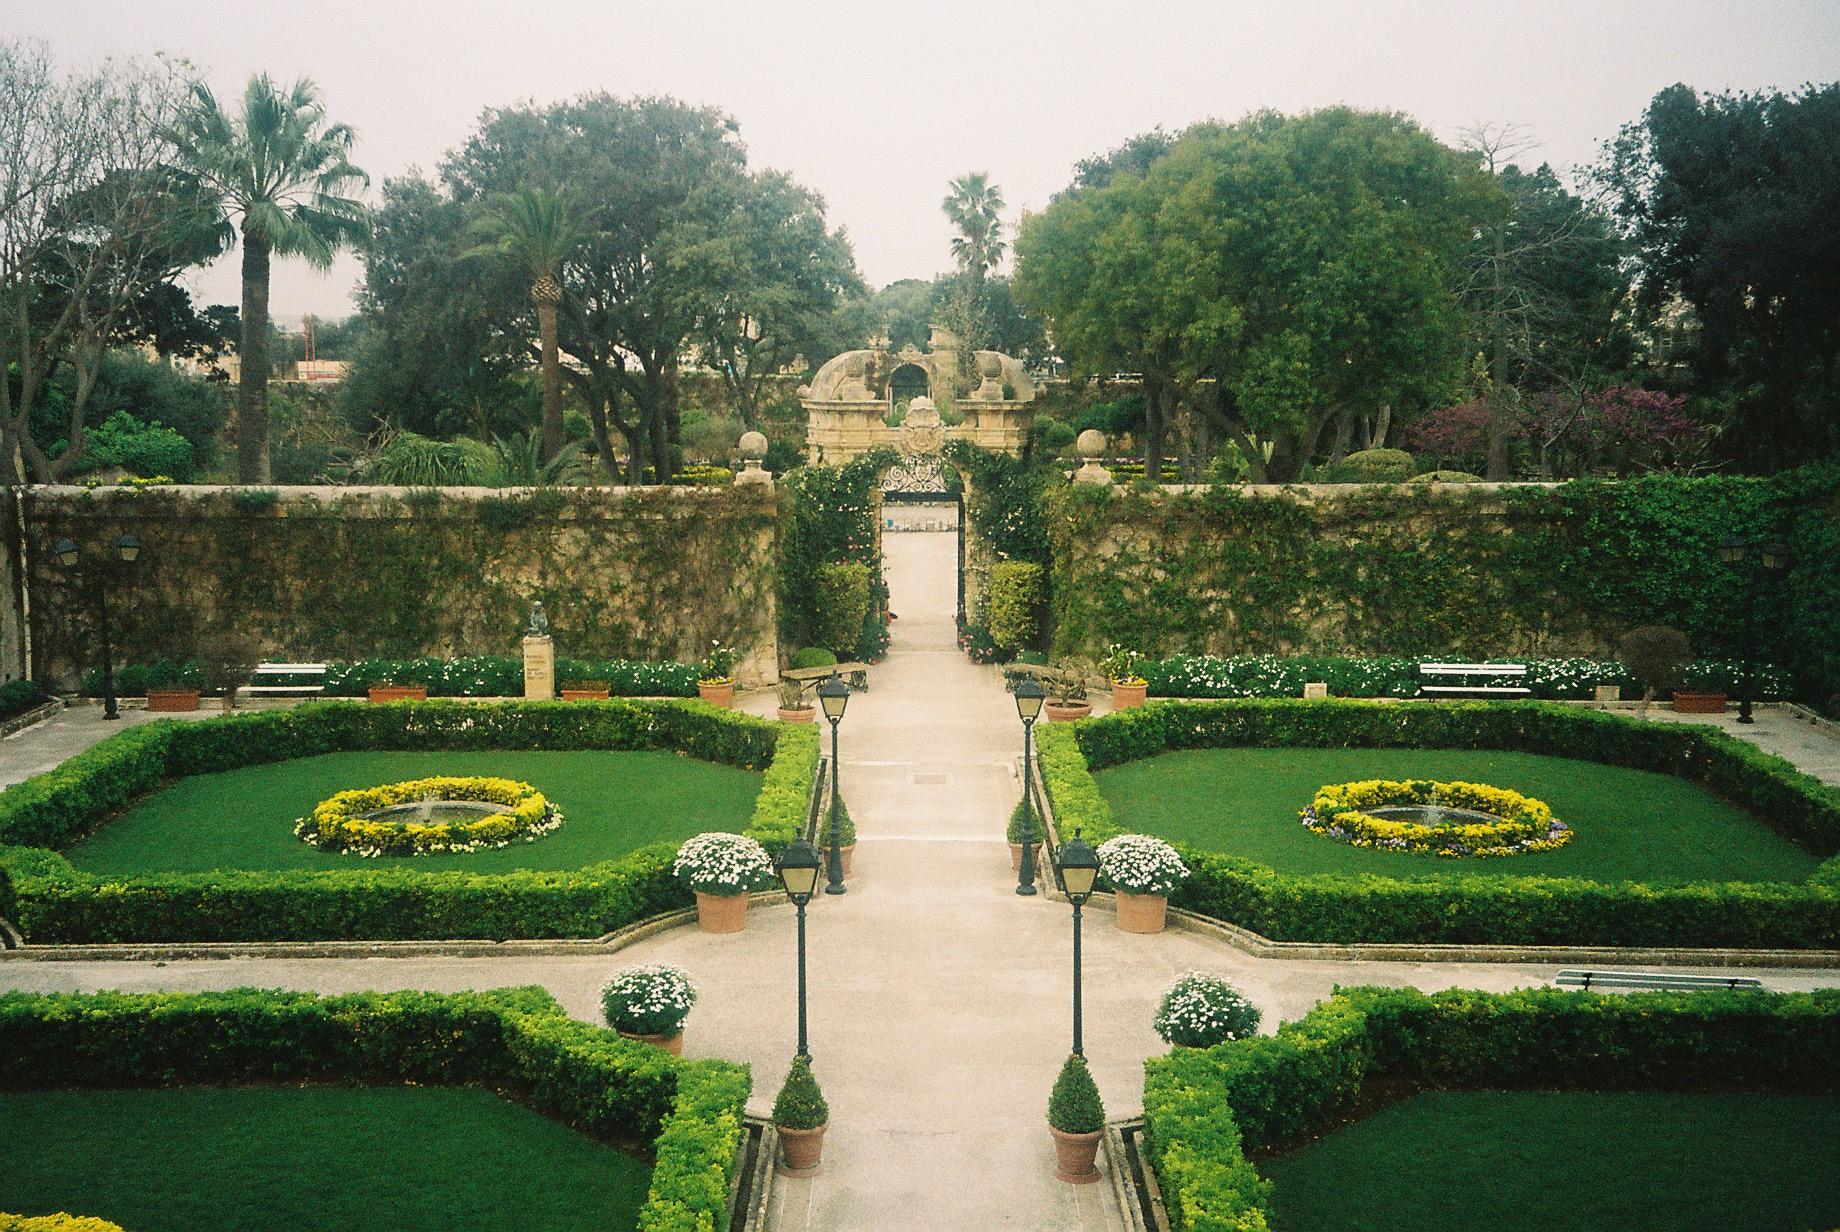 Garden Centre: Properties For Sale In Naxxar Malta